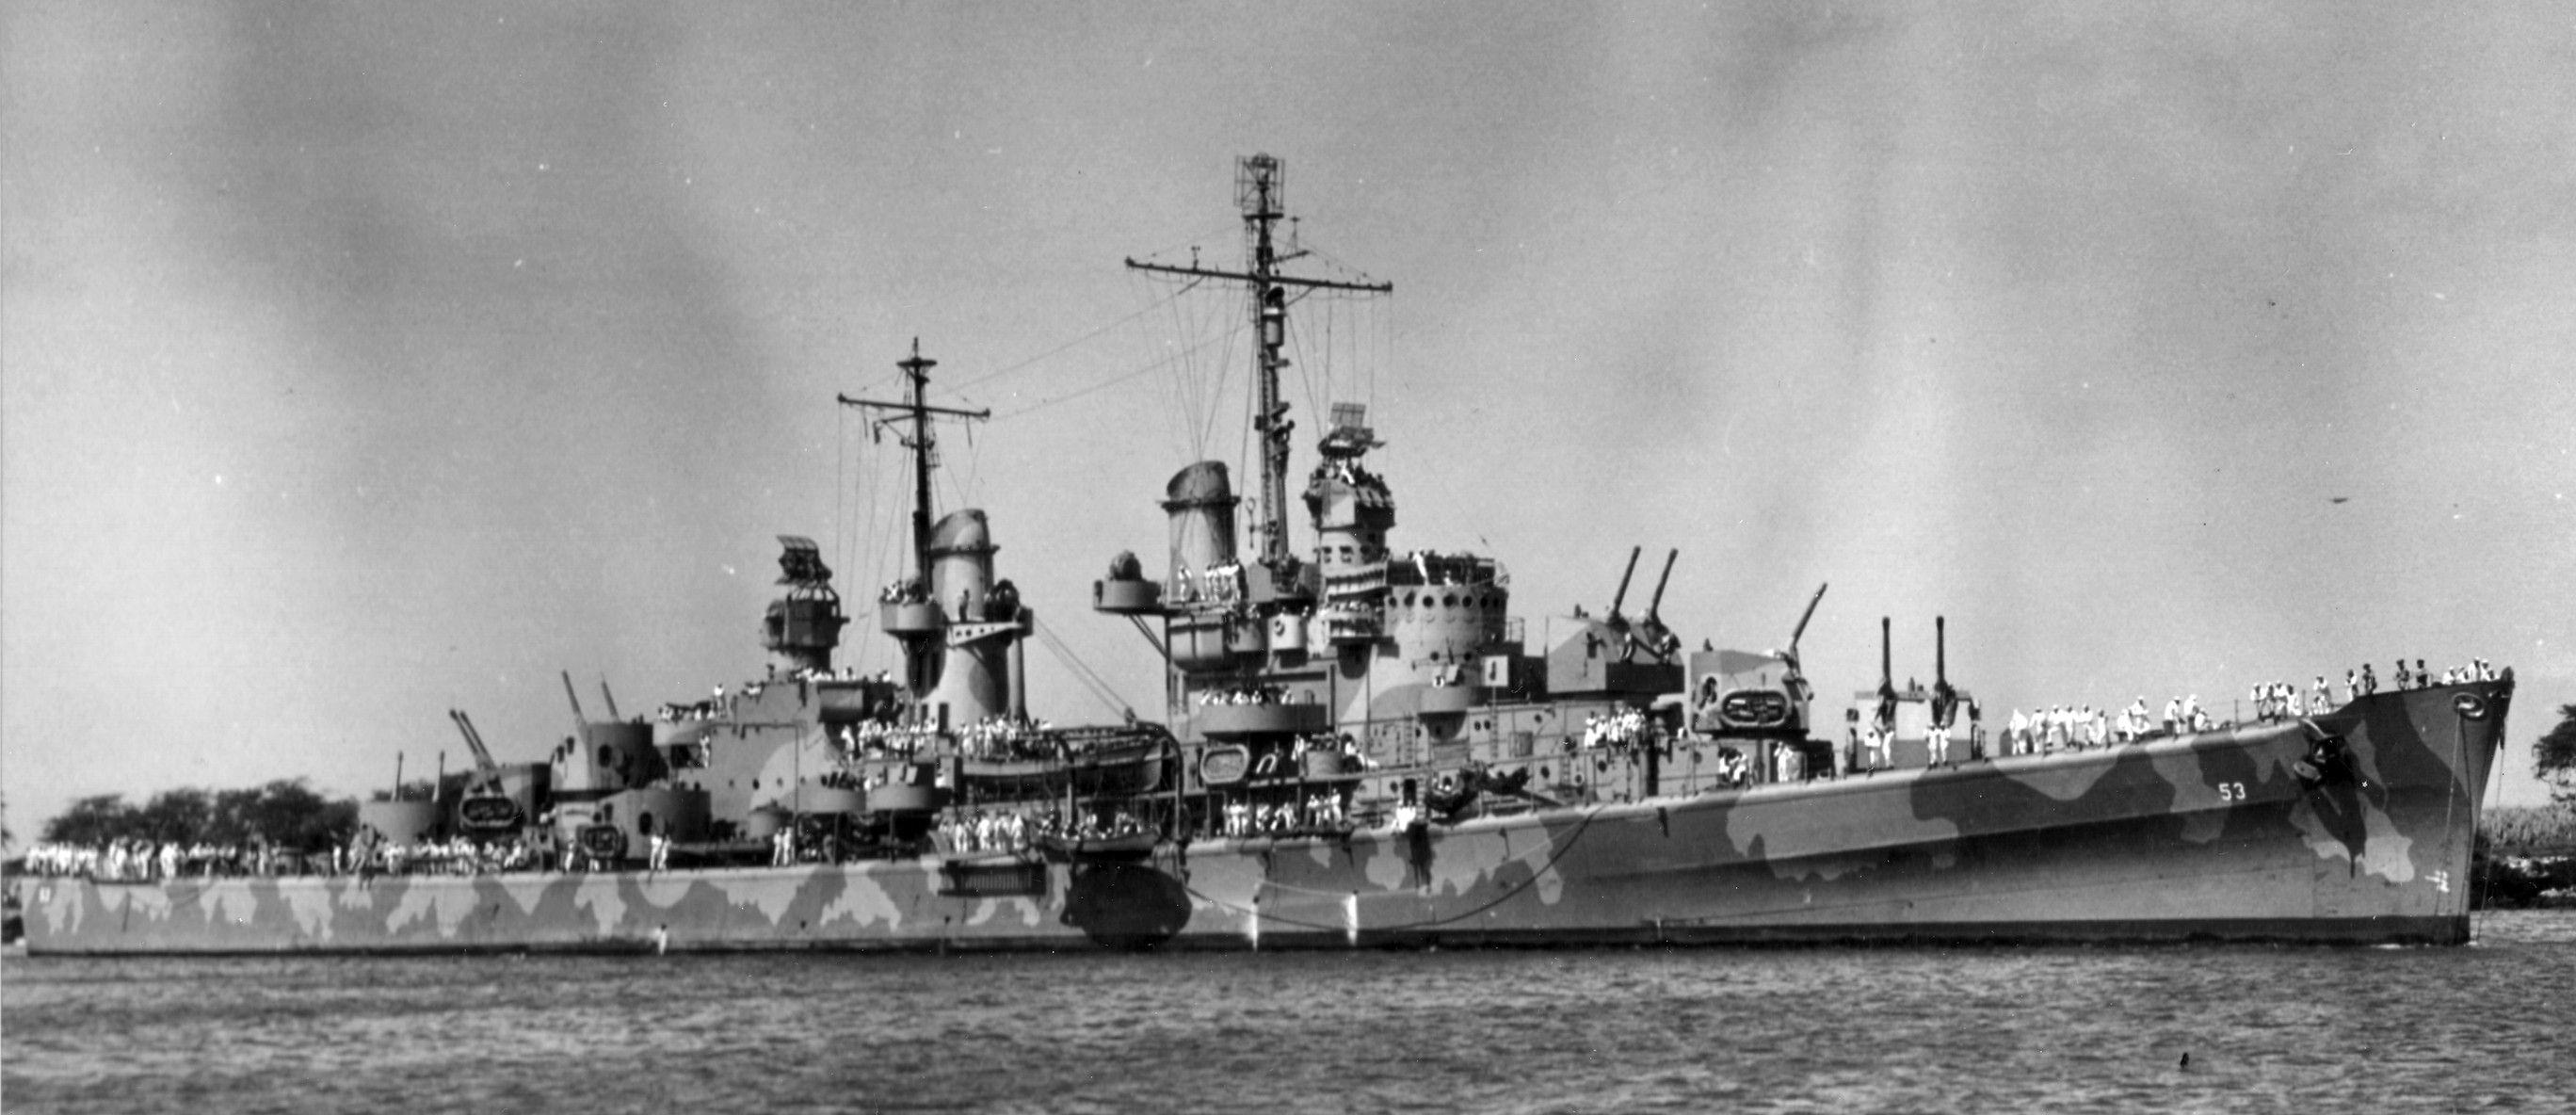 uss san diego cl 53 june 1942 2736x1184 uss san diego us navy ships naval history uss san diego cl 53 june 1942